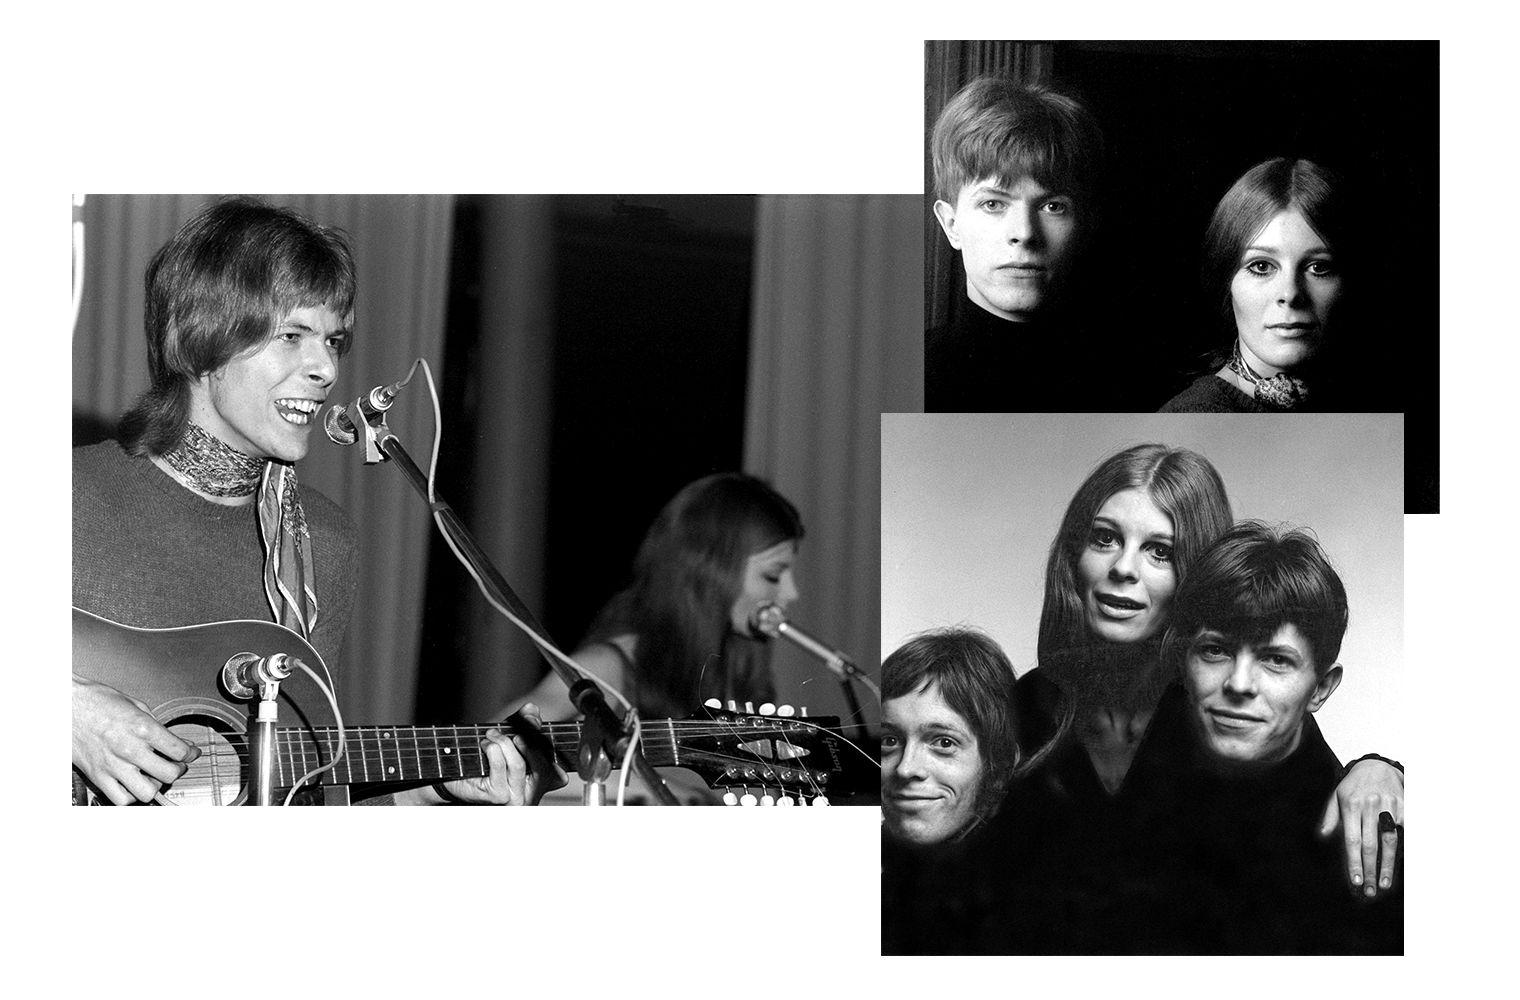 Гермиона Фартингейл организовала группу «Feathers» с Дэвидом Боуи и басистом Джоном Хатчинсоном